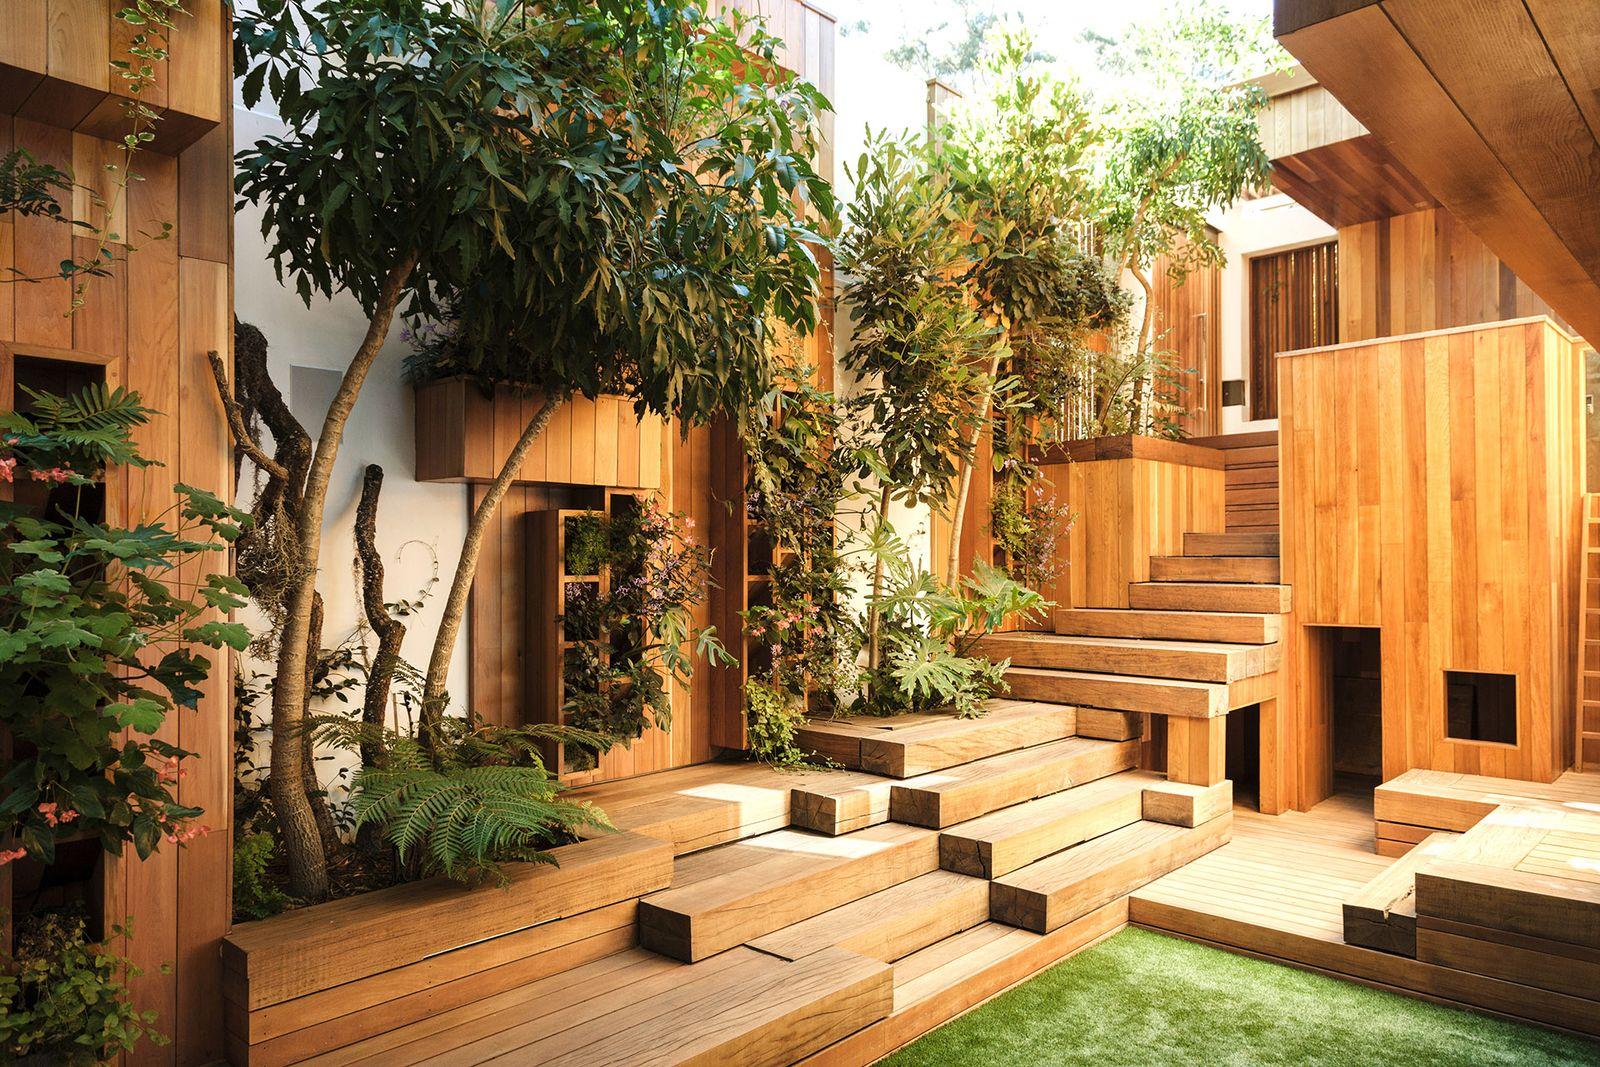 EINMALIGE VERWENDUNG / Moderne Architektur / EXPIREN am 27.06.24